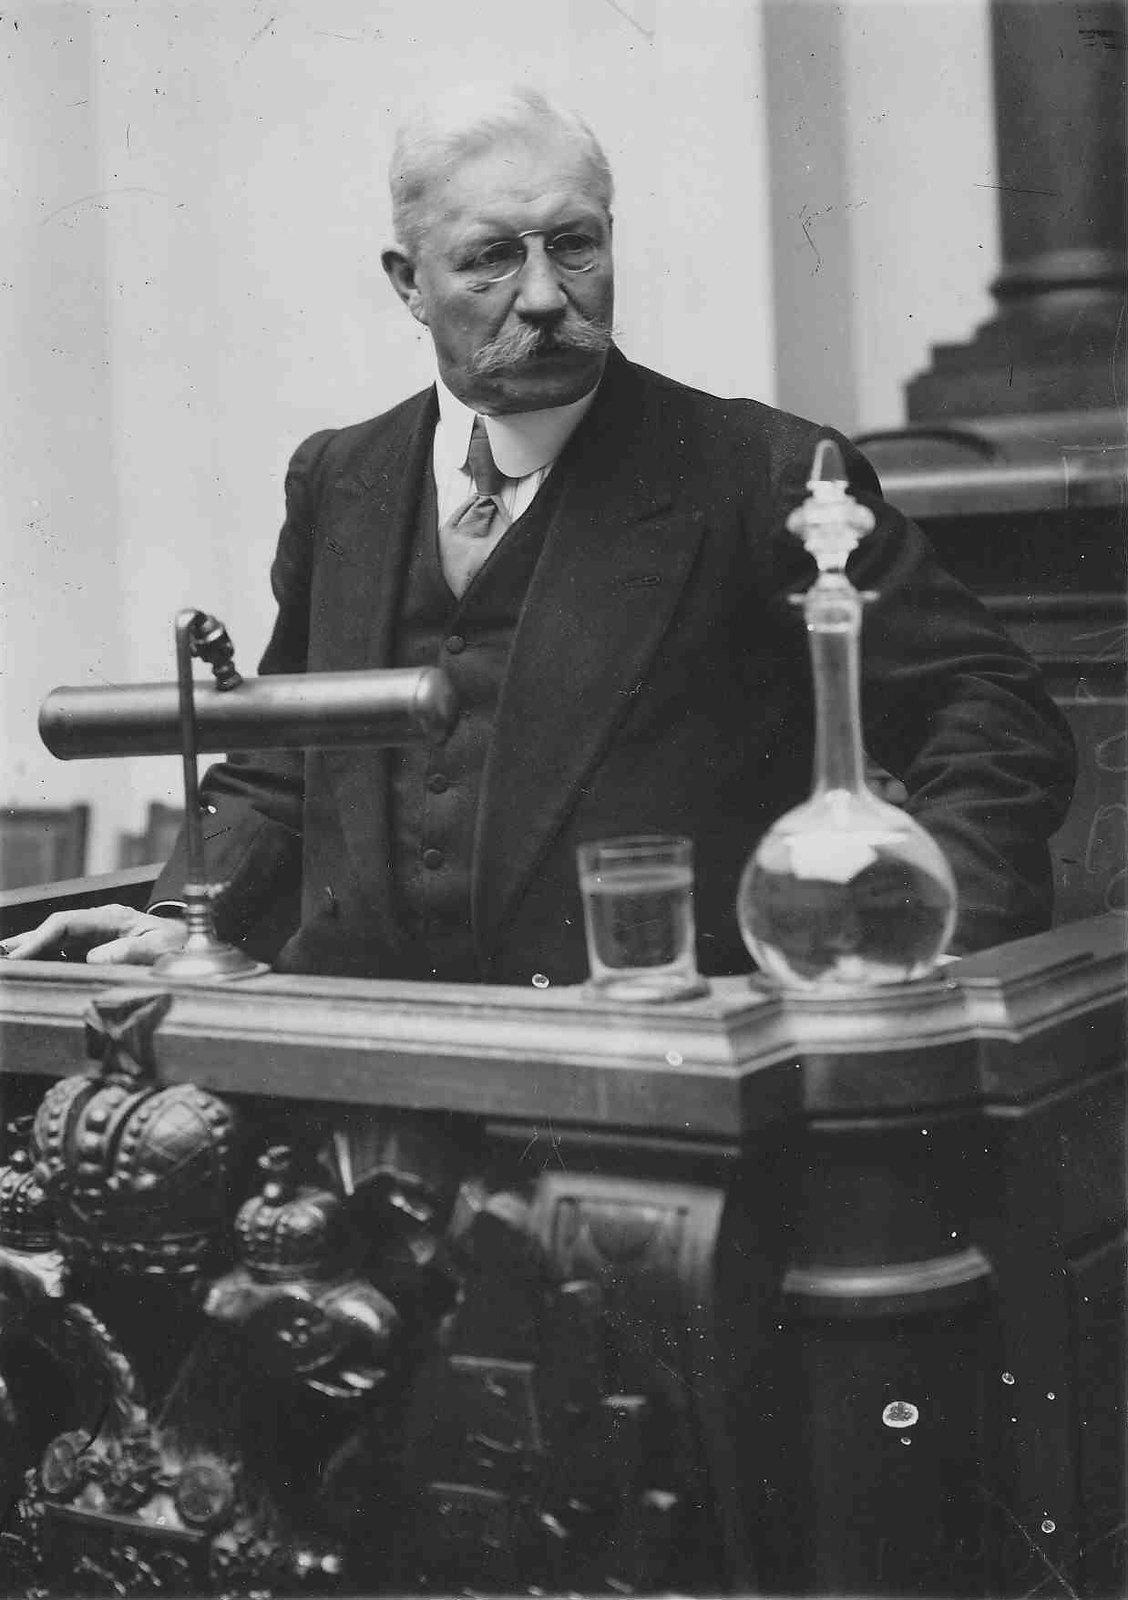 1915. Член Государственной Думы 4-го созыва П. Н. Милюков во время выступления